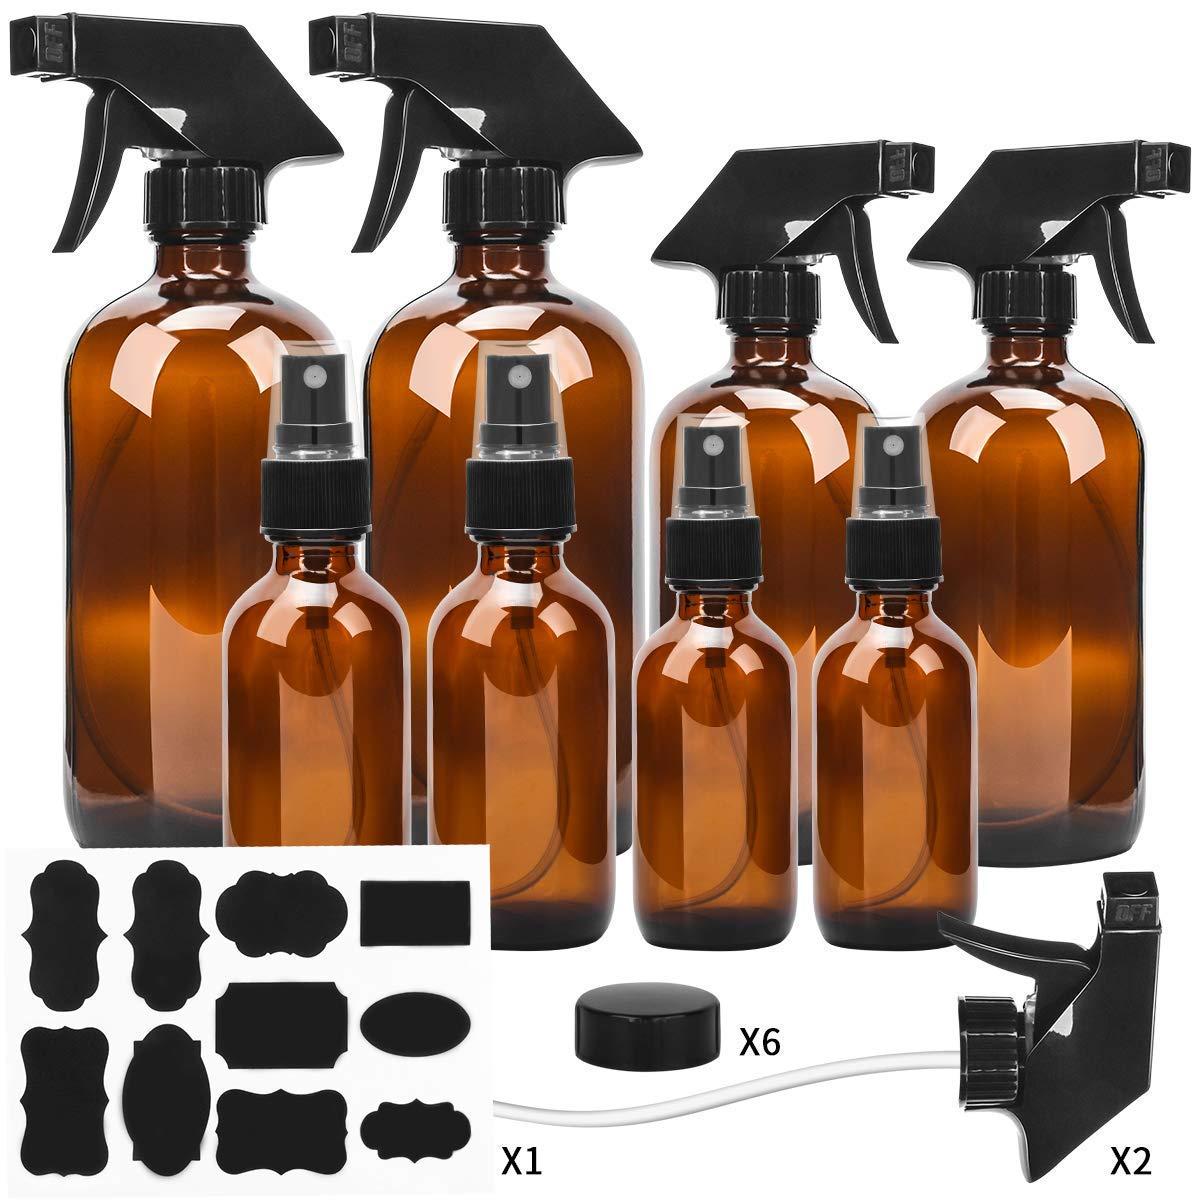 Glass Spray Bottle, ESARORA Amber Glass Spray Bottle Set - Essential Oils - Cleaning Products - Aromatherapy (16OZ x 2, 8OZ x 2, 4OZ x 2, 2OZ x 2) by Esarora